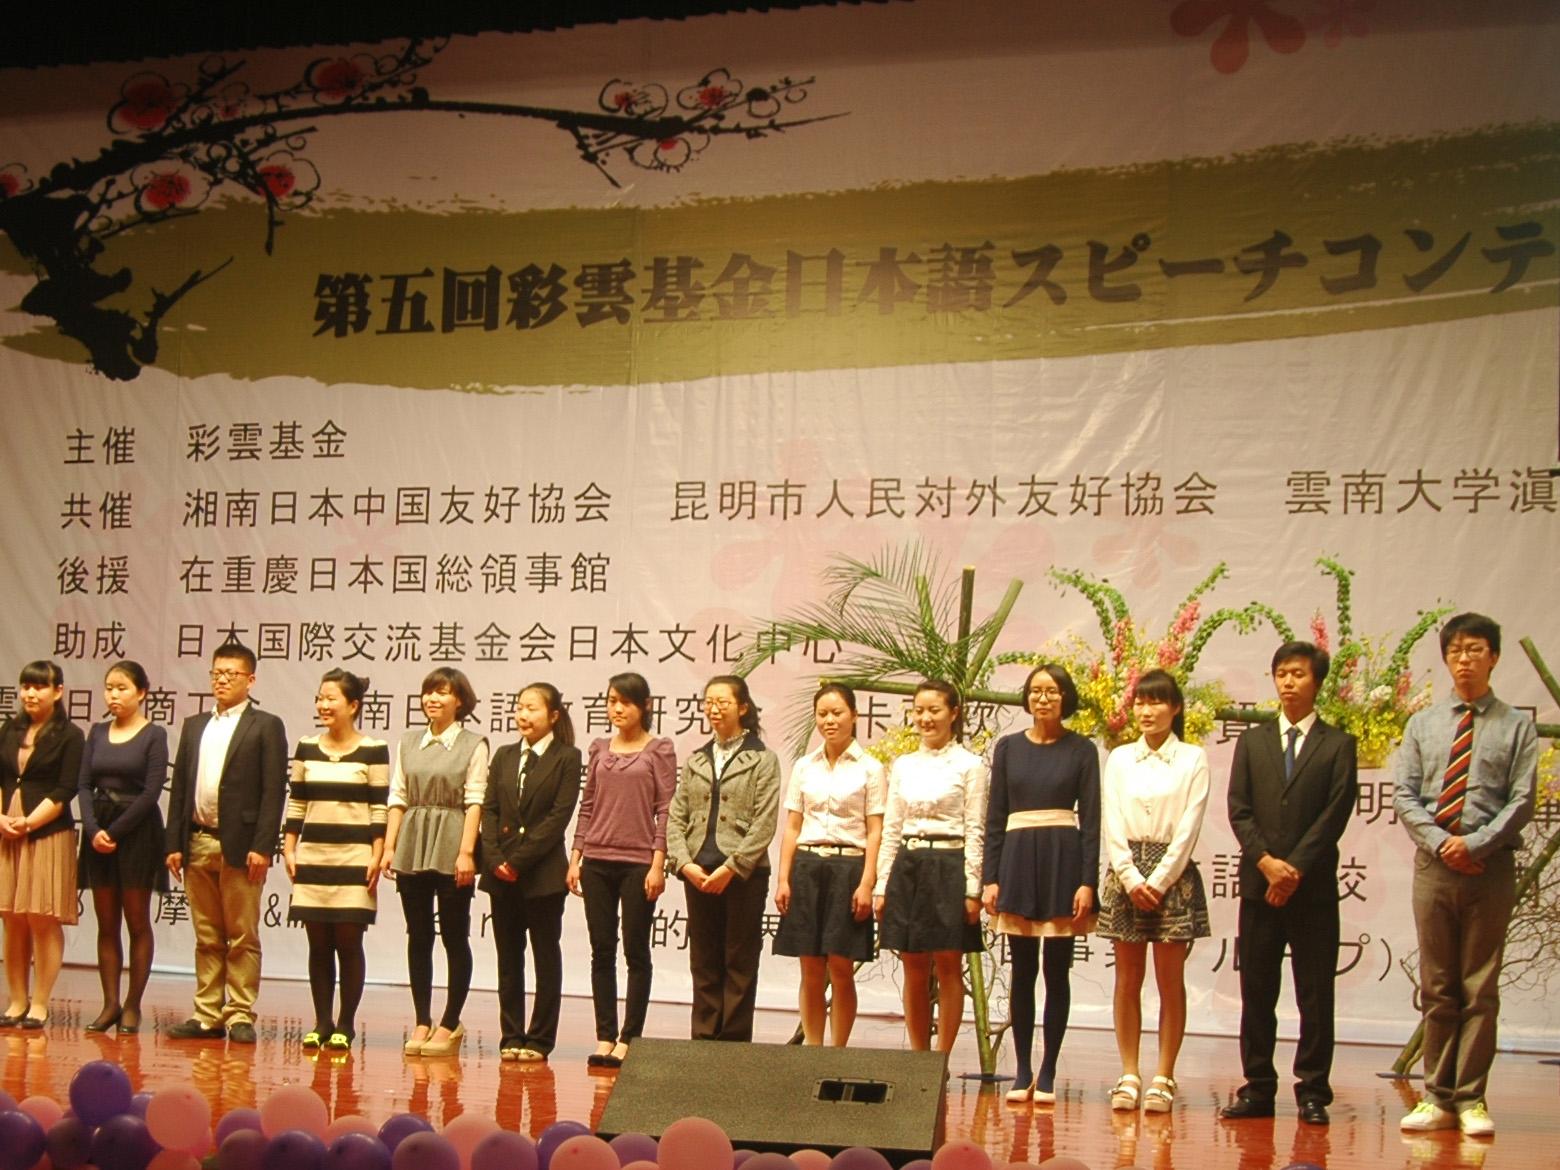 第五回彩雲基金日本語スピーチコンテスト